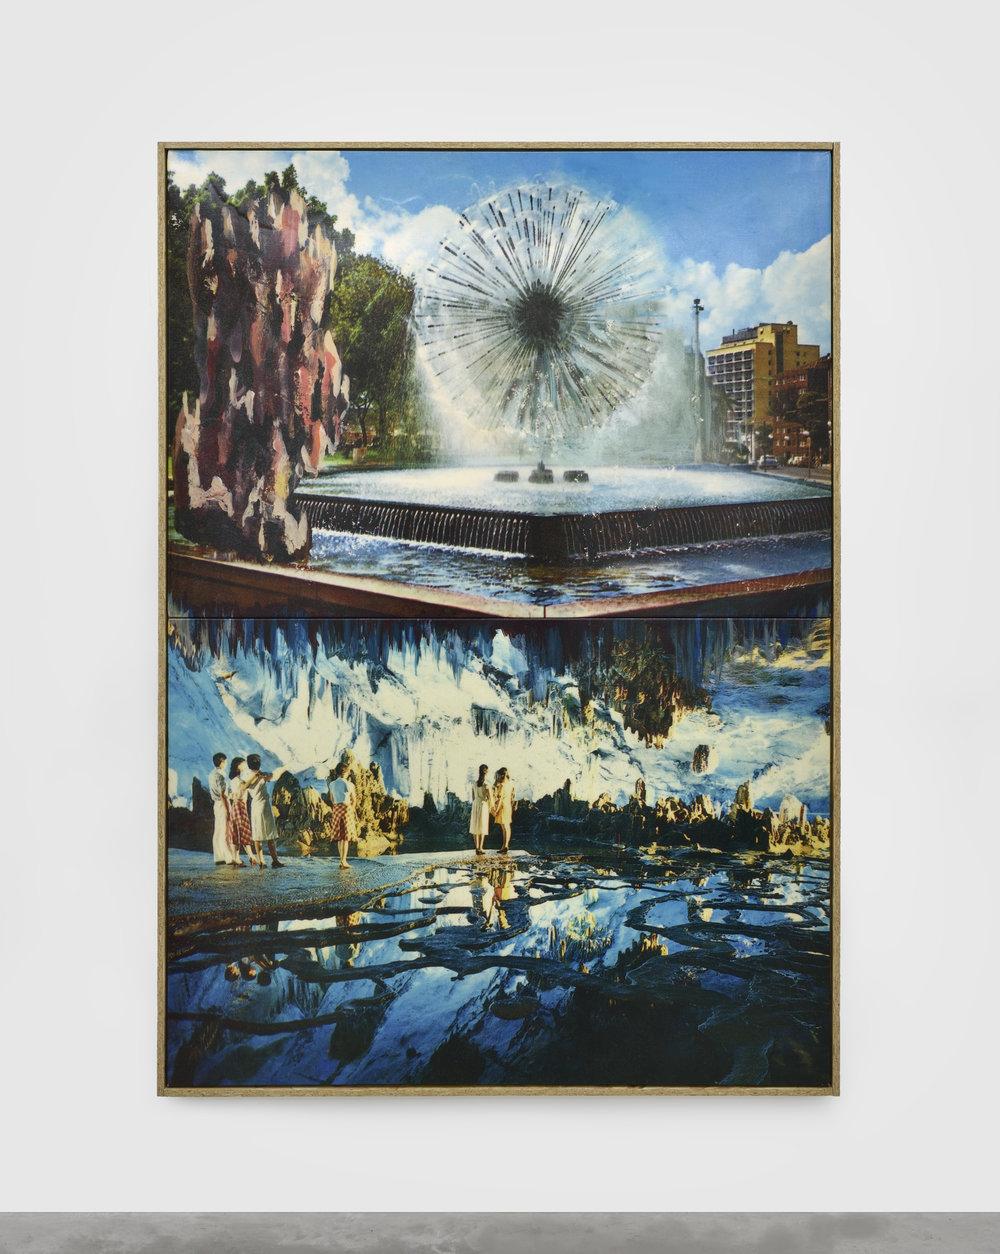 Pierre Ardouvin  La vision , 2016 print on canvas, resin, glitter 69 9/32 x 92 1/8 in (176 x 234 cm)